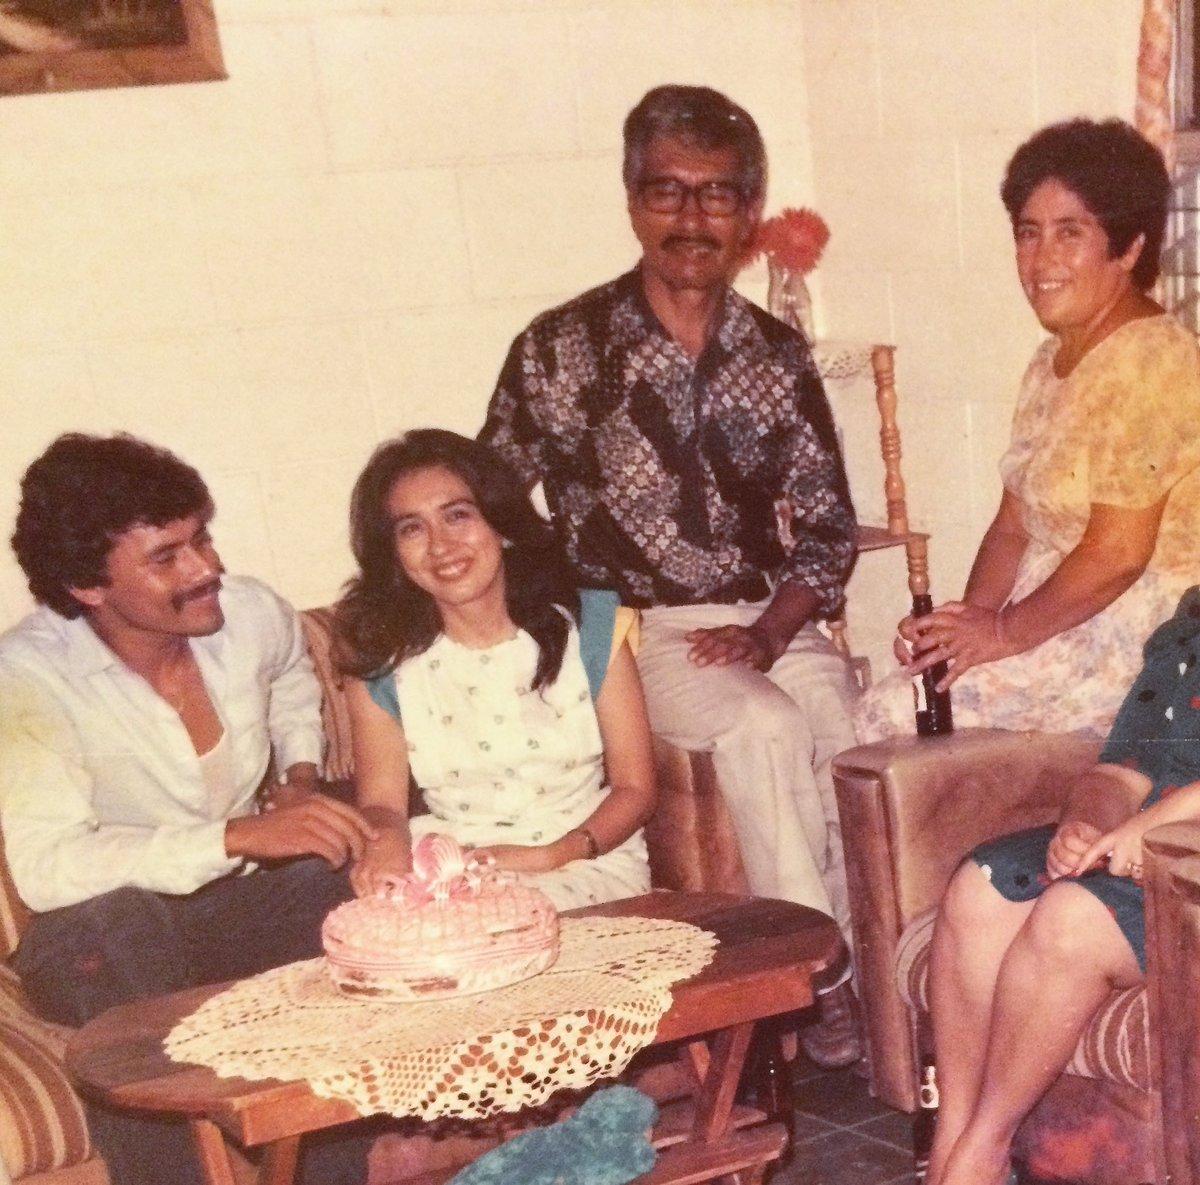 🥰❤️ My parents & grandparents. So young & in love.  Mis padres y abuelos.. tan jóvenes y enamorados.  #fbf #happy #friday #goodmorning #throwback #picoftheday #love #parents #grandparents #lovethem #goodday #imback #feliz #viernes #fotodeldia #padres #abuelos #losamo #buenosdias https://t.co/fSEmiURJl0